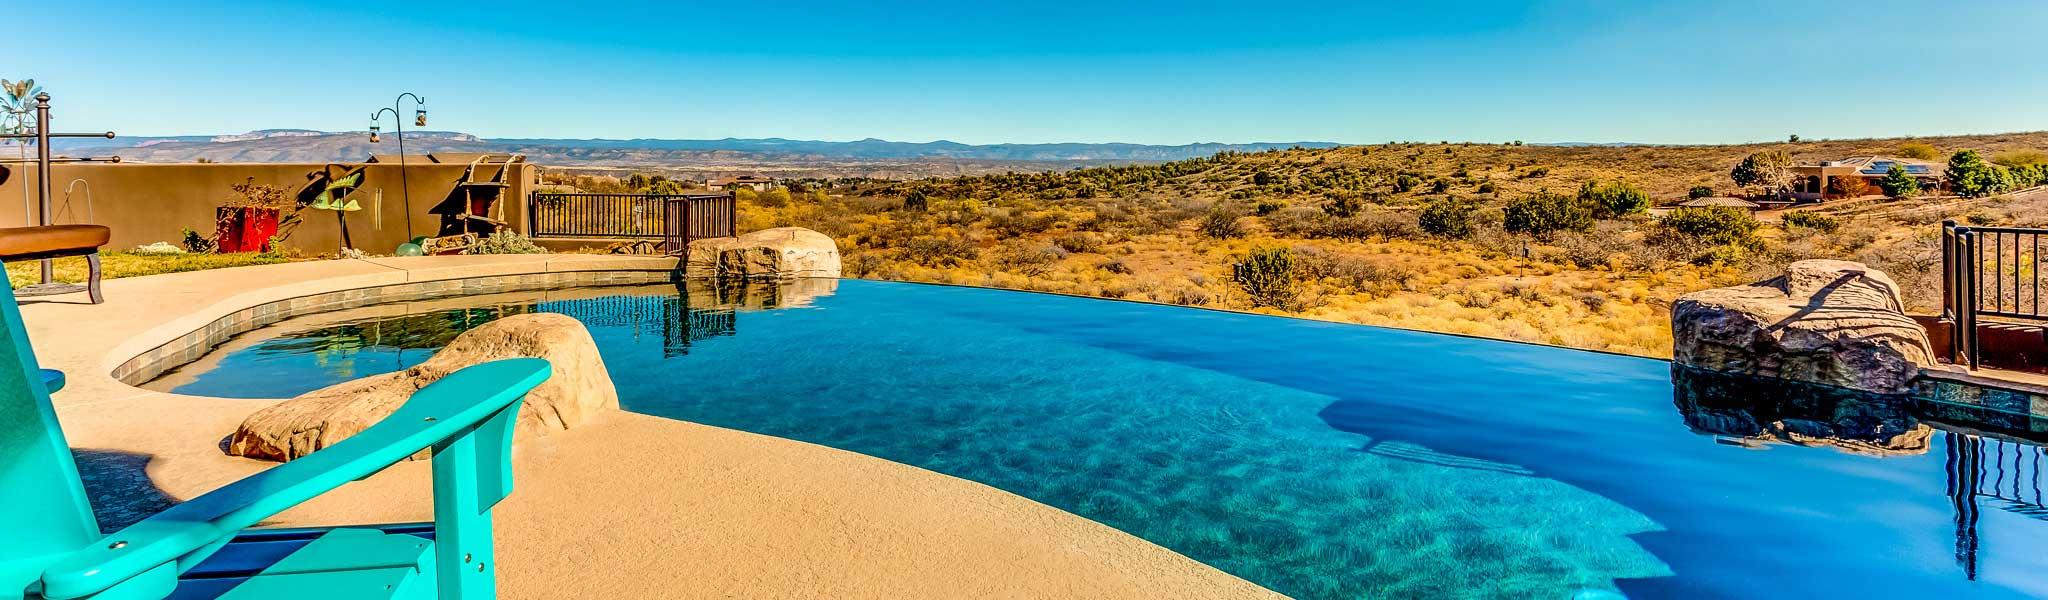 Jim Midkiff Custom Pools in Sedona Arizona